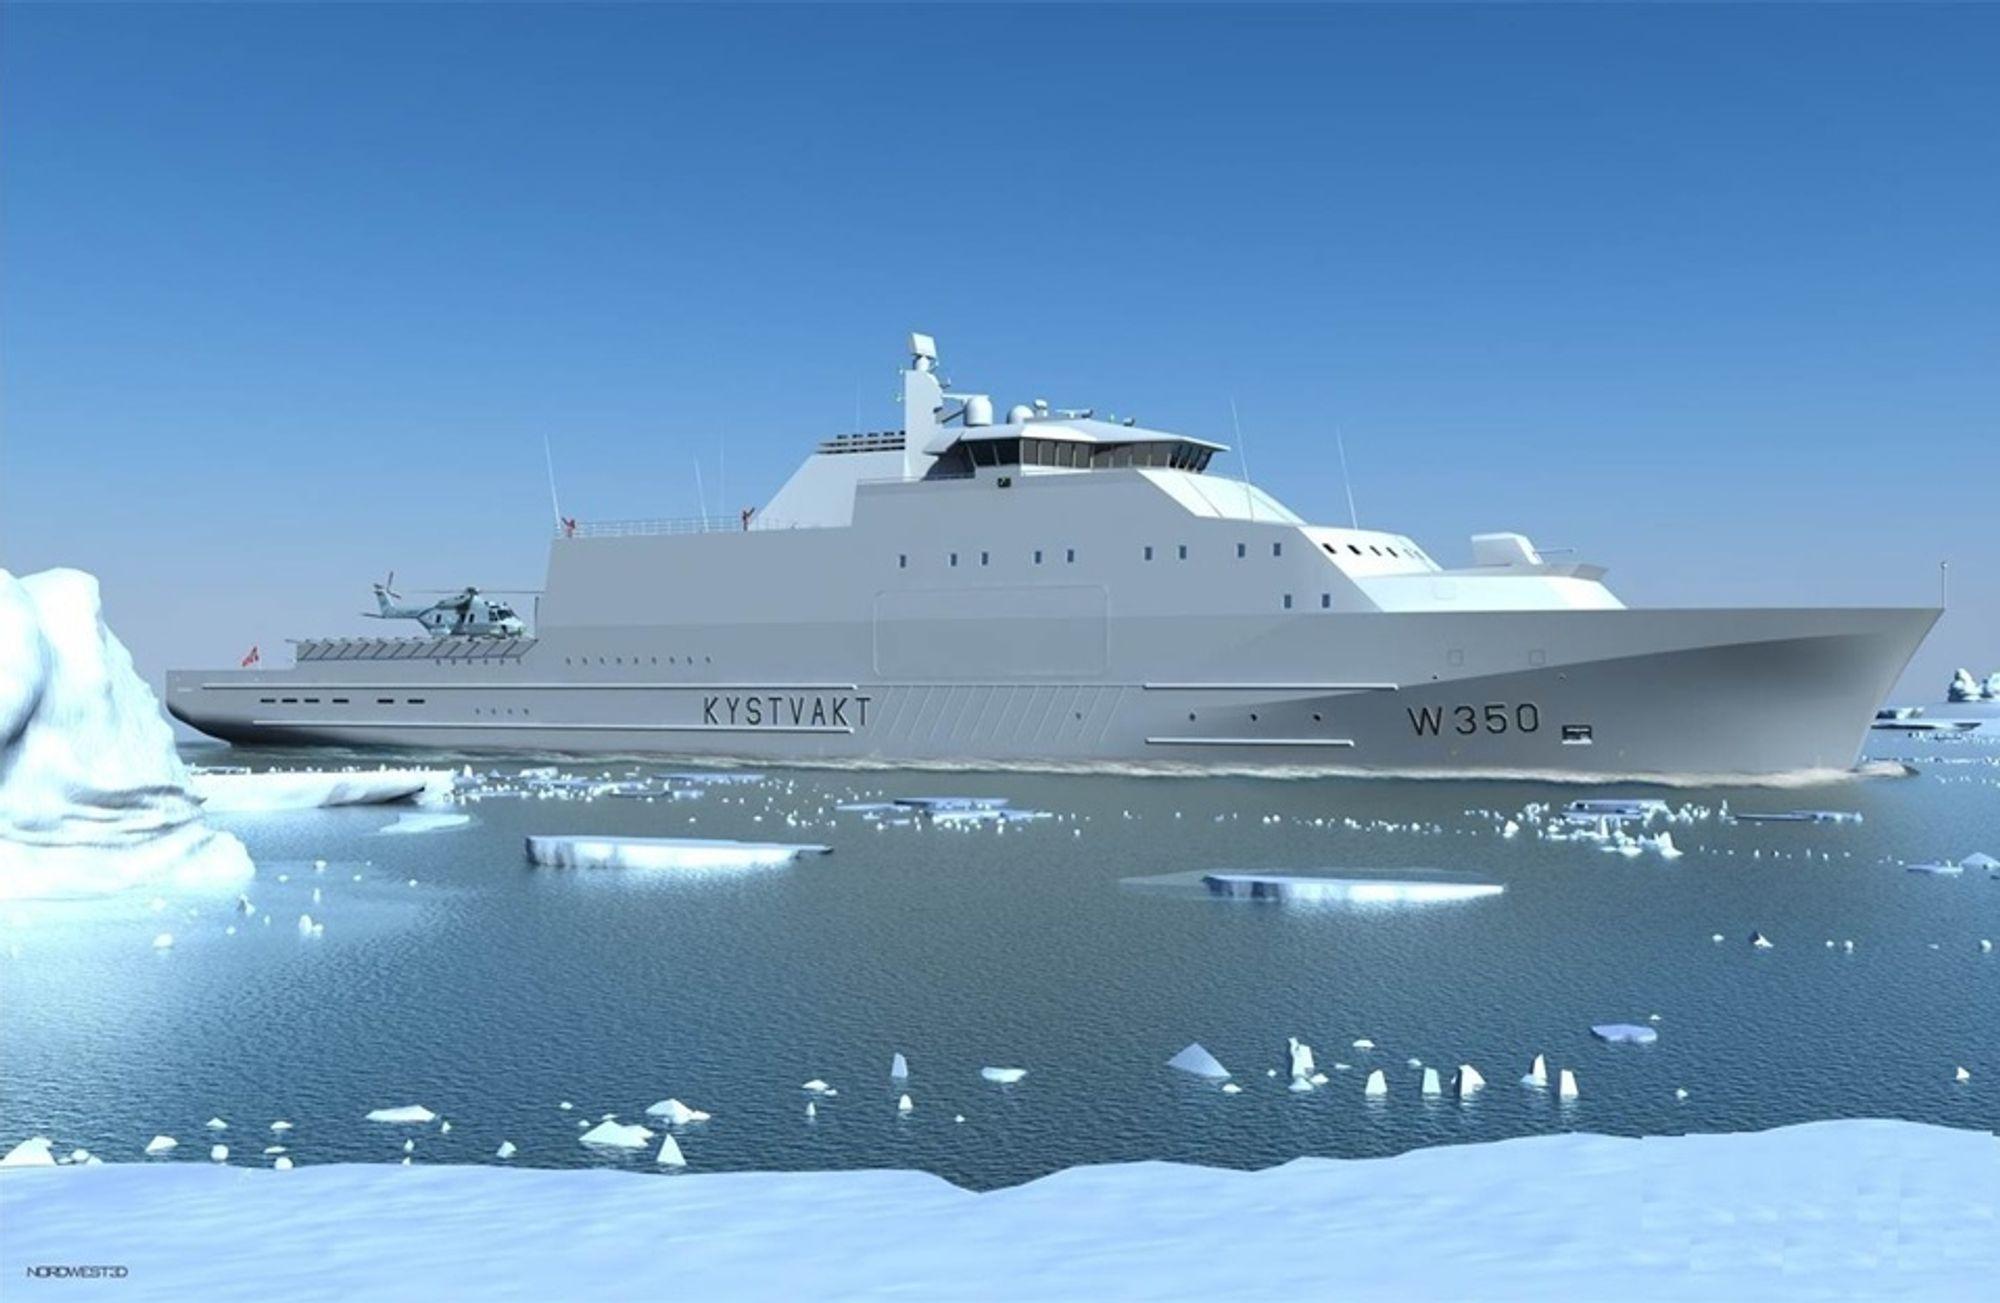 KV Arctic i arktiske omgivelser.